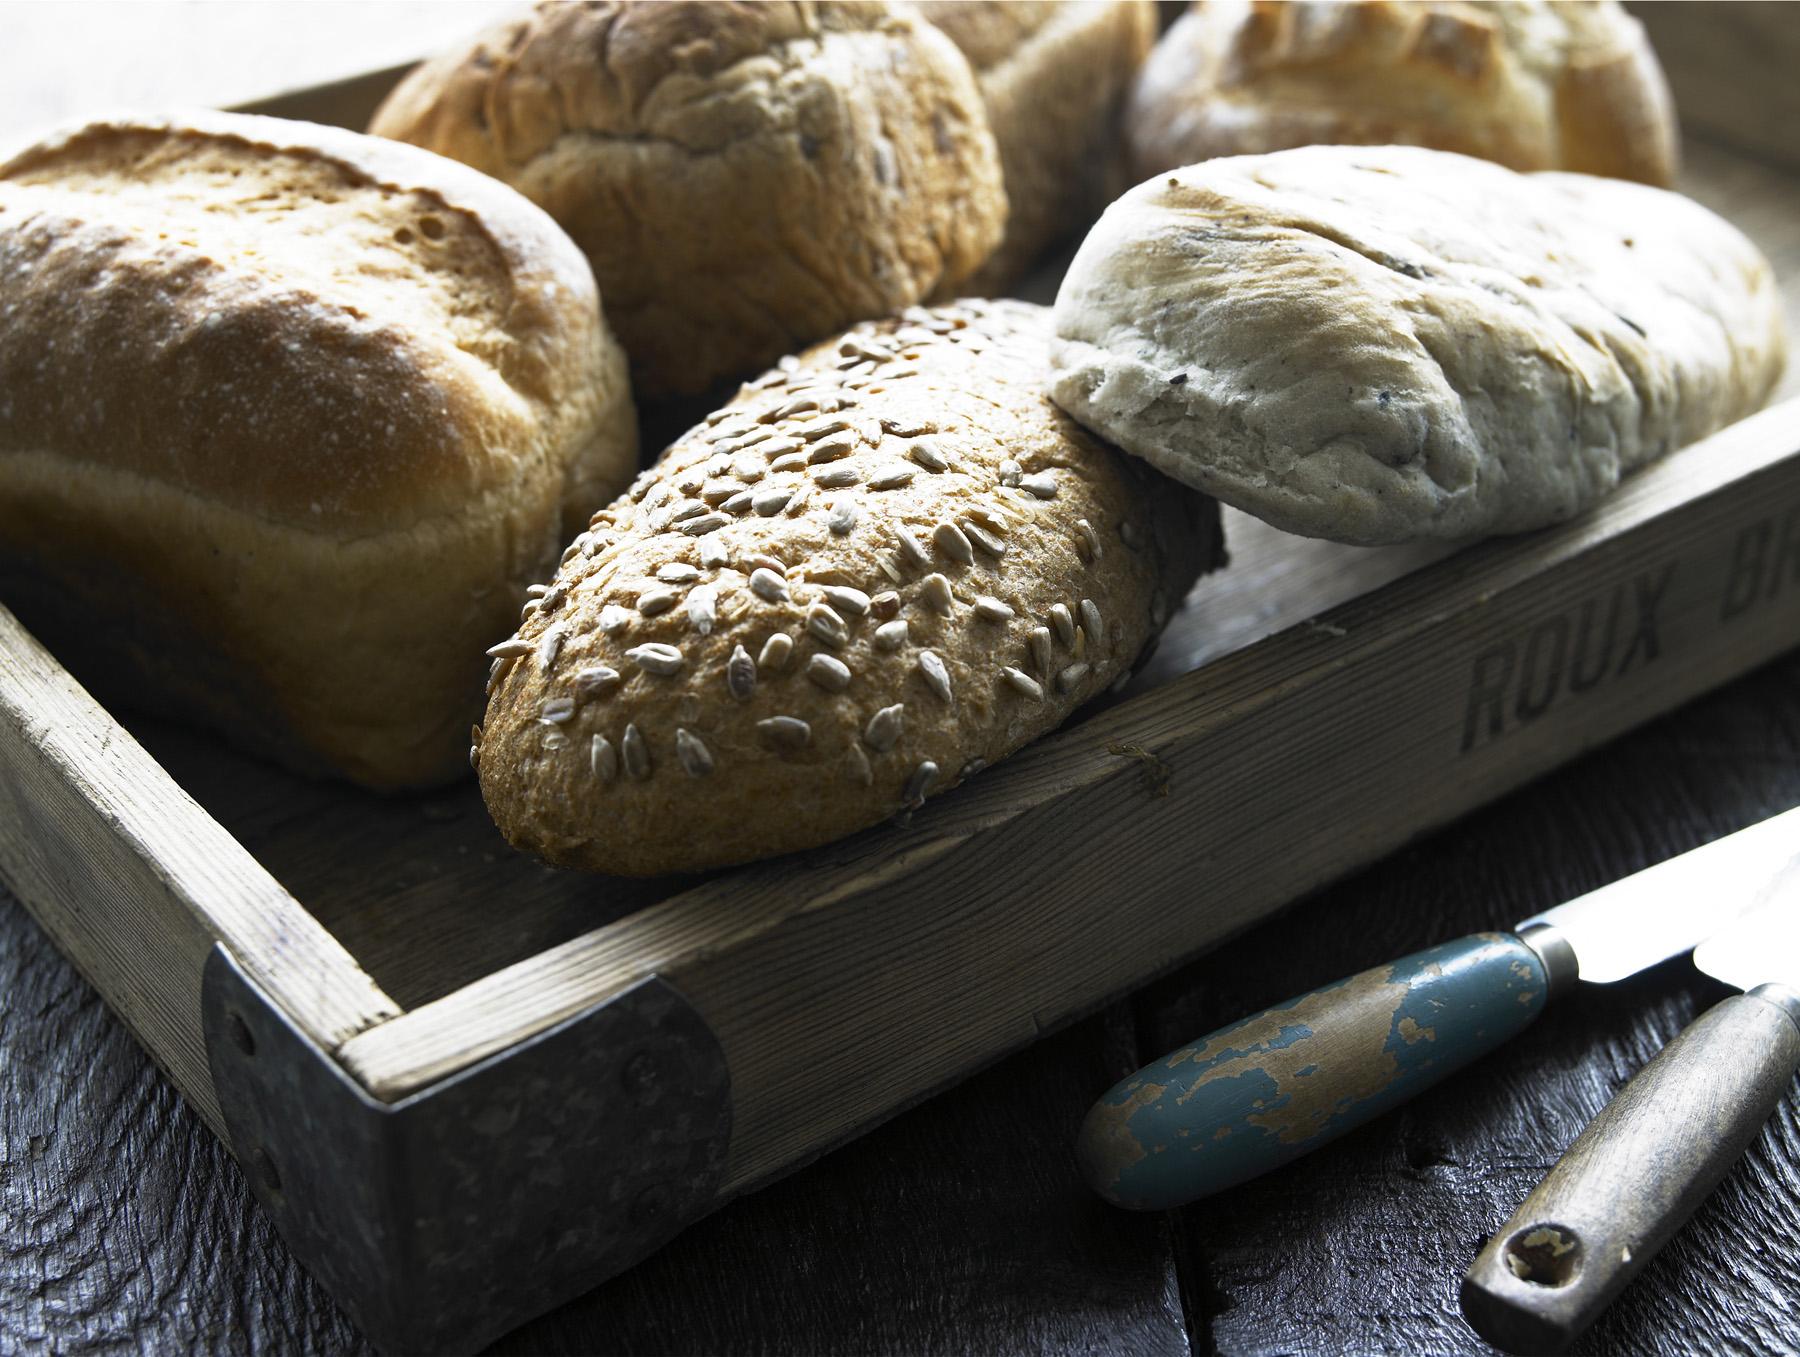 53-icon-artist-management-katie-hammond-food-abelcole_breads.jpg